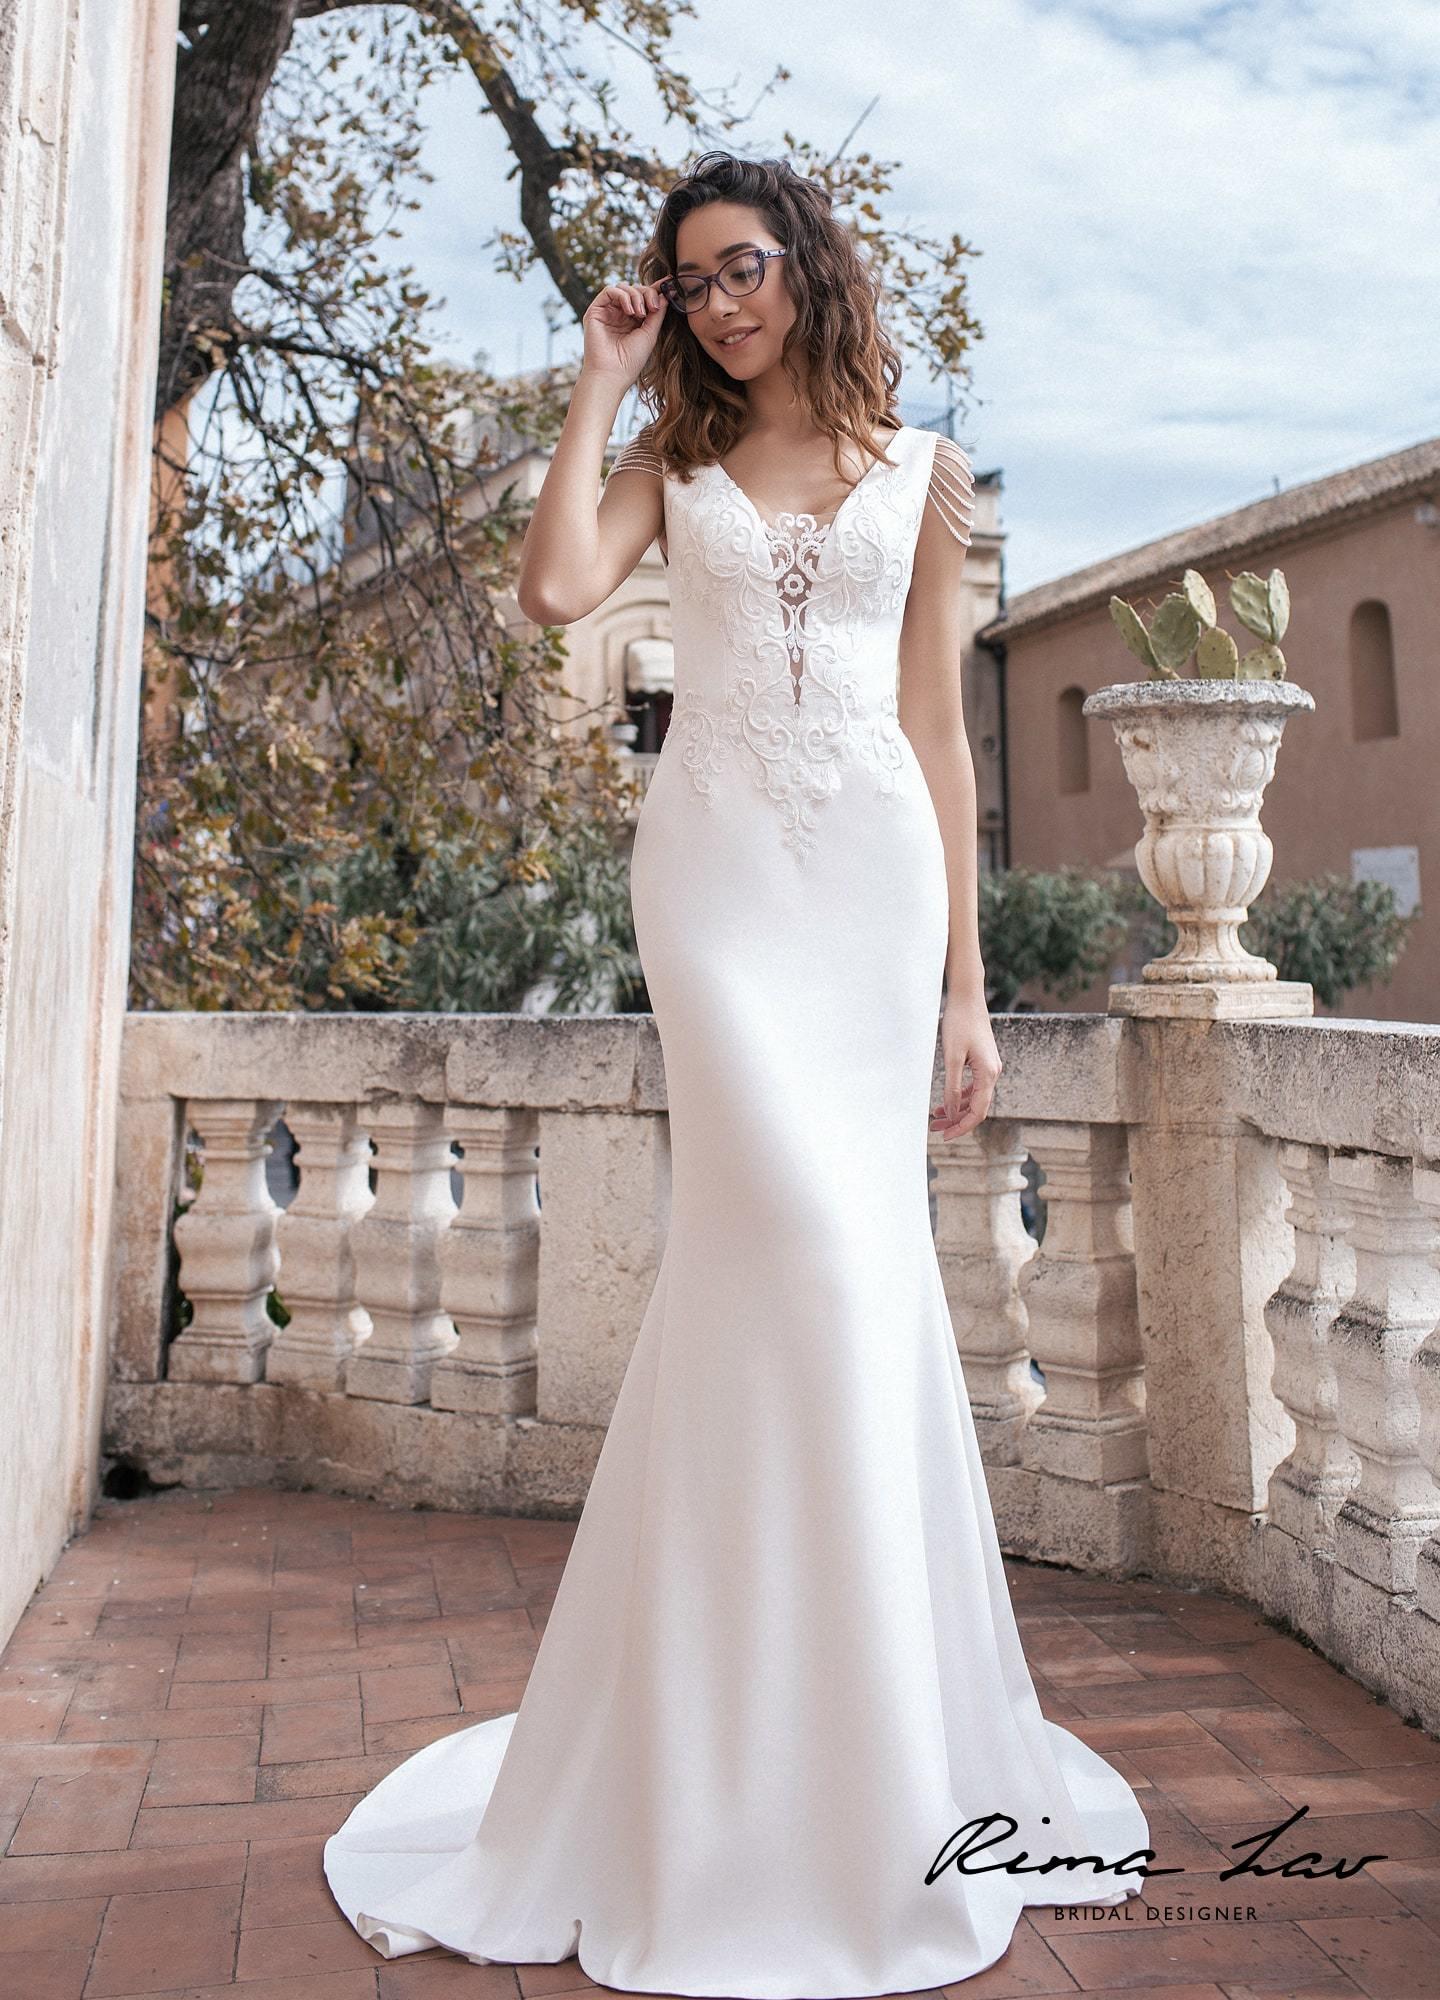 одним очень стильные свадебные платья фото помогло стать